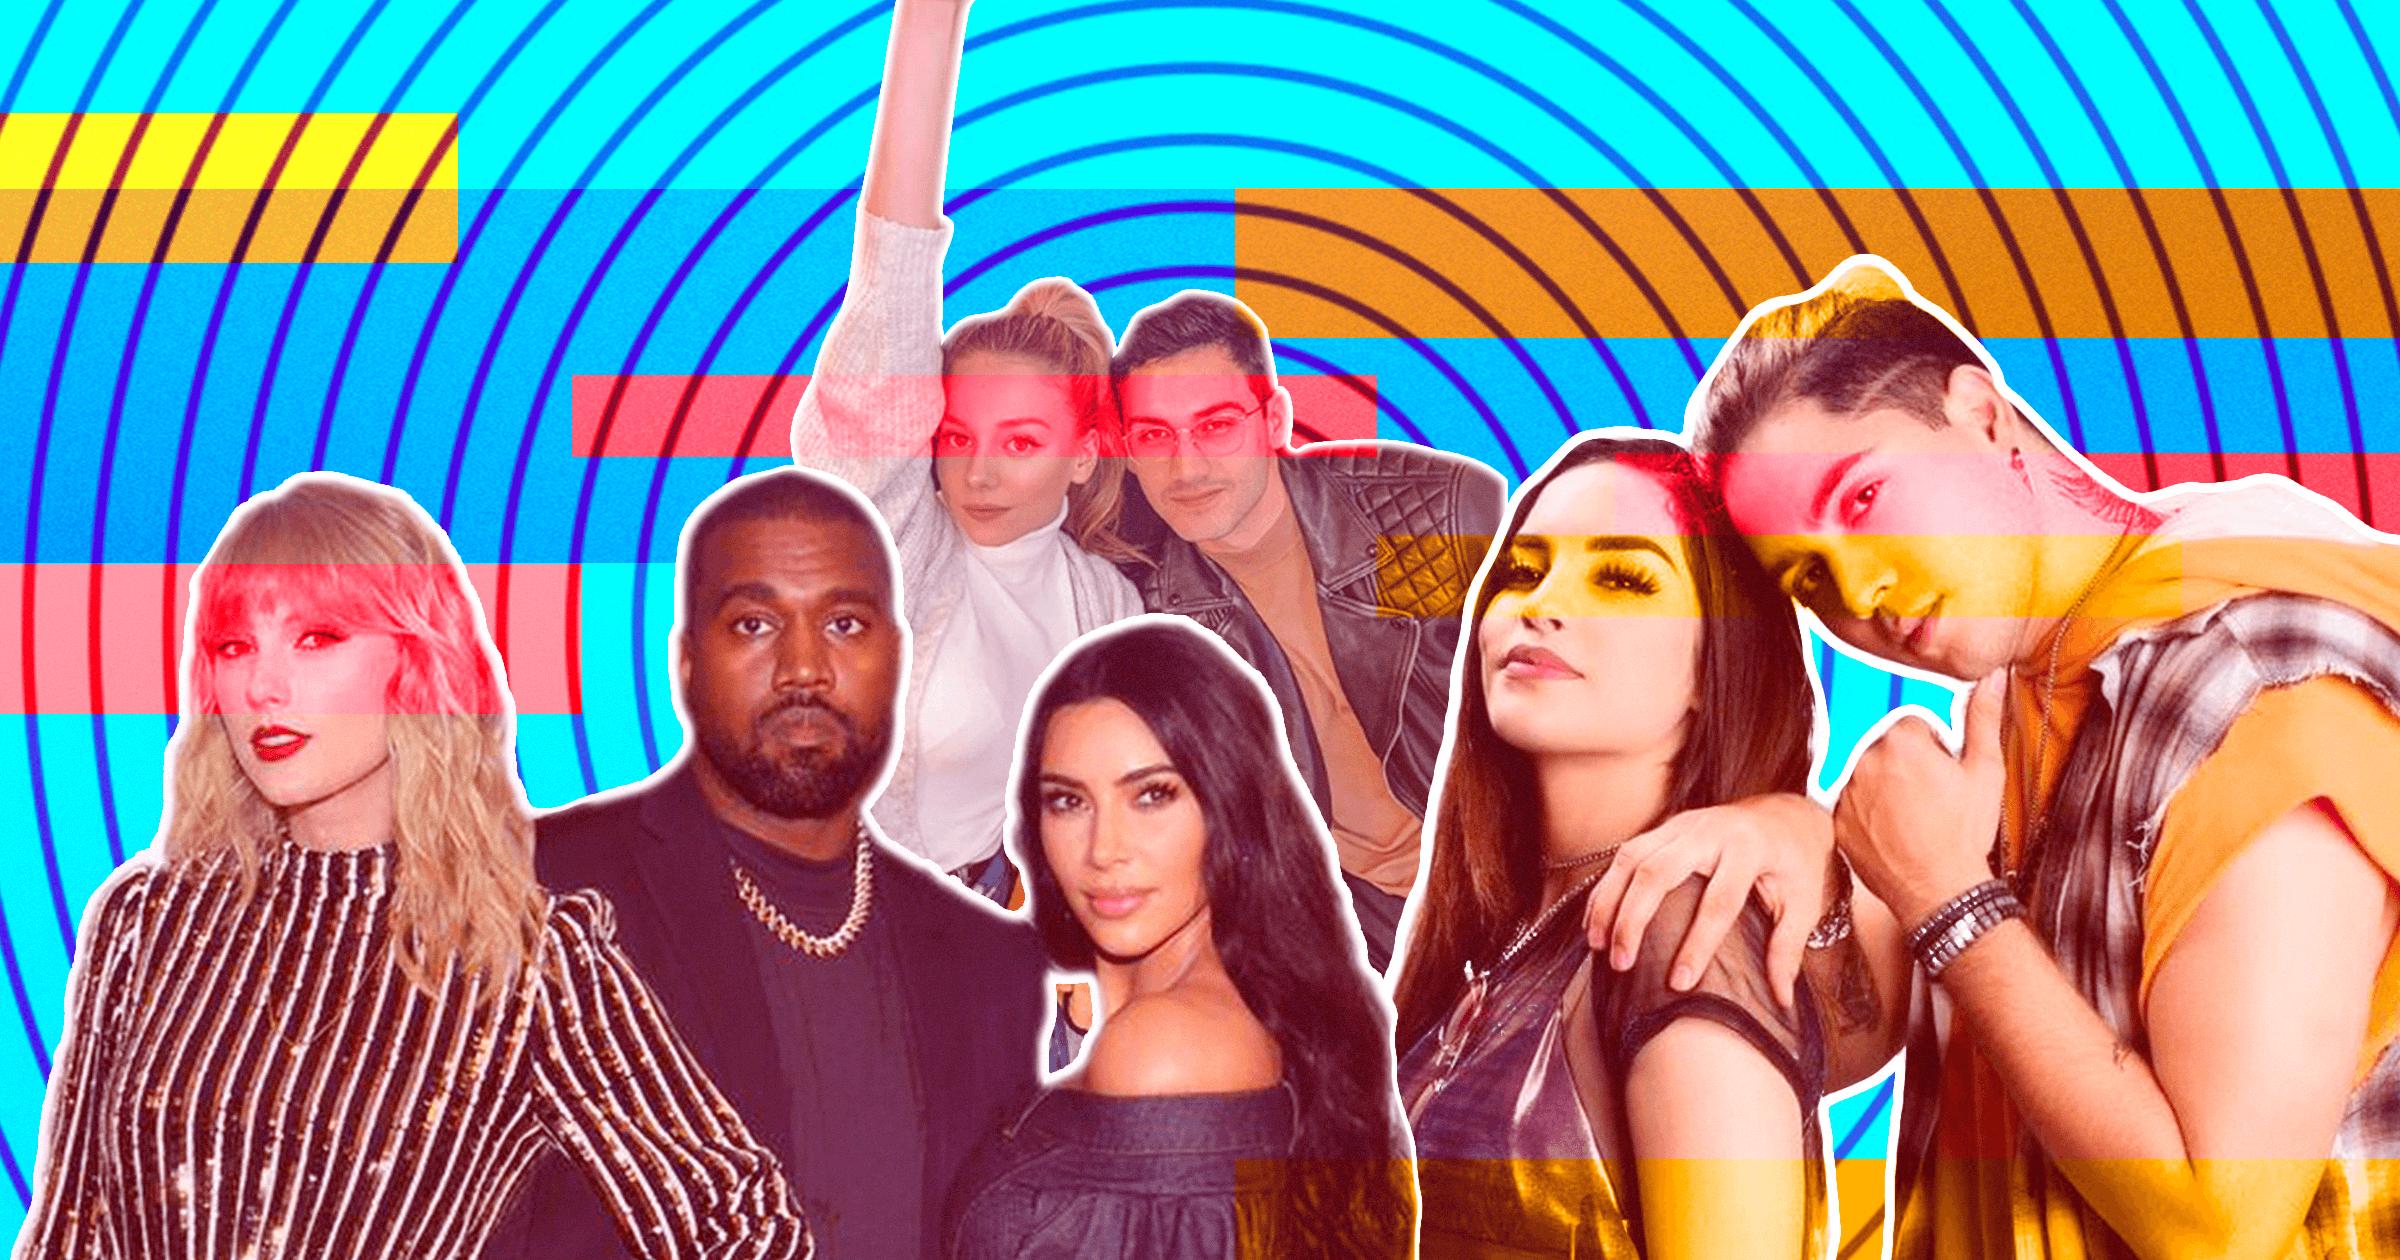 Hilos de Twitter famosos con las mejores historias de 2020